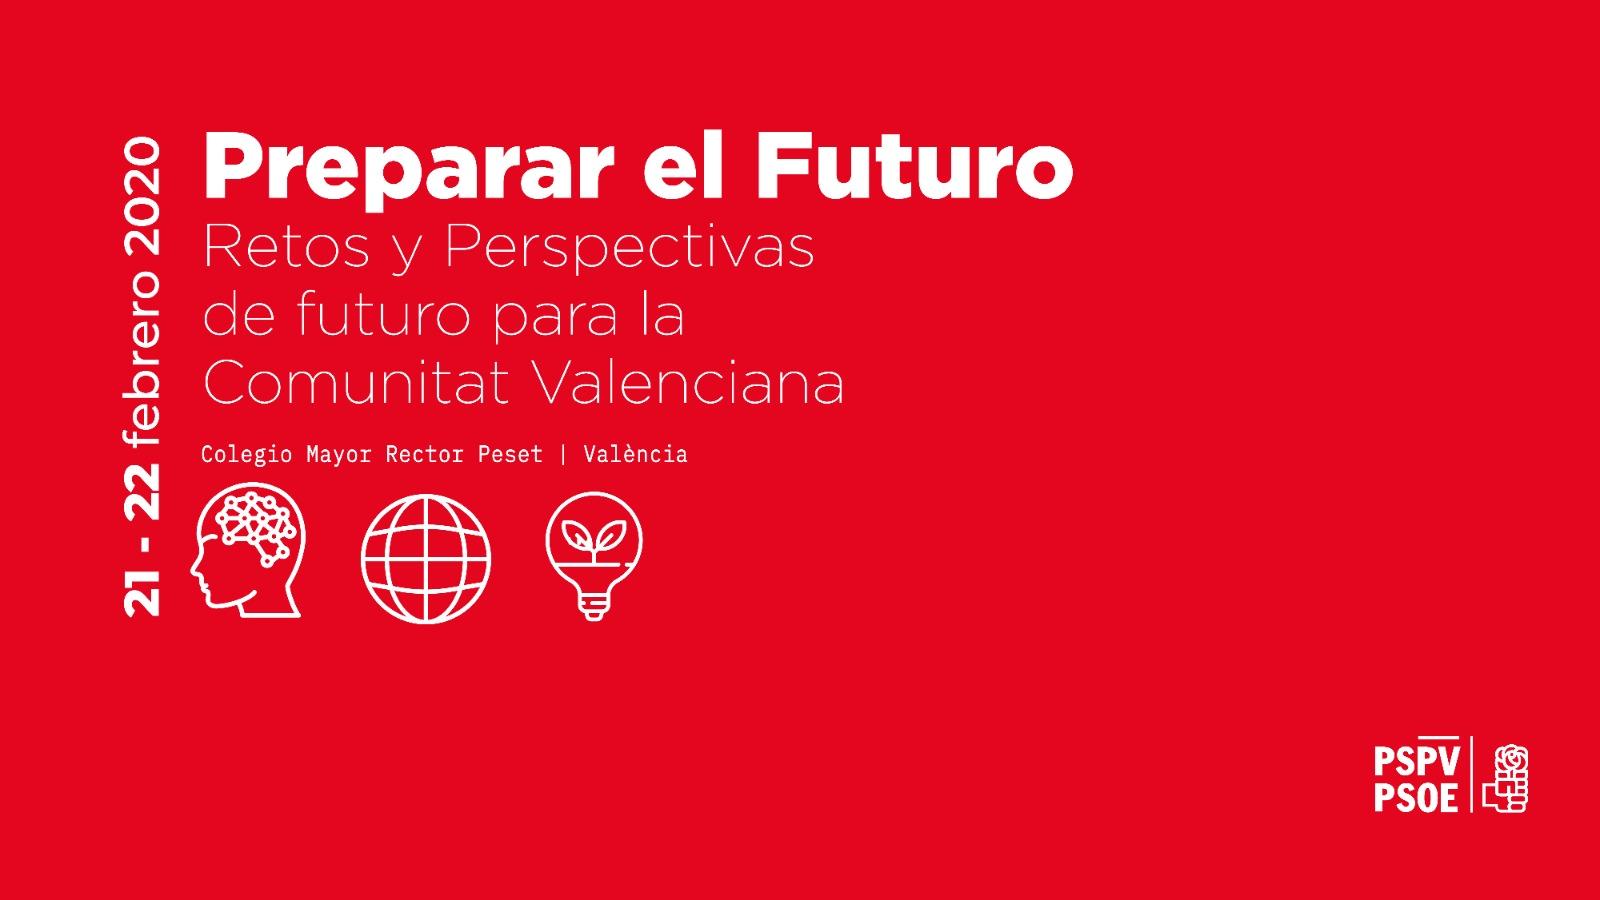 Reptes i perspectives de futur per a la Comunitat Valenciana